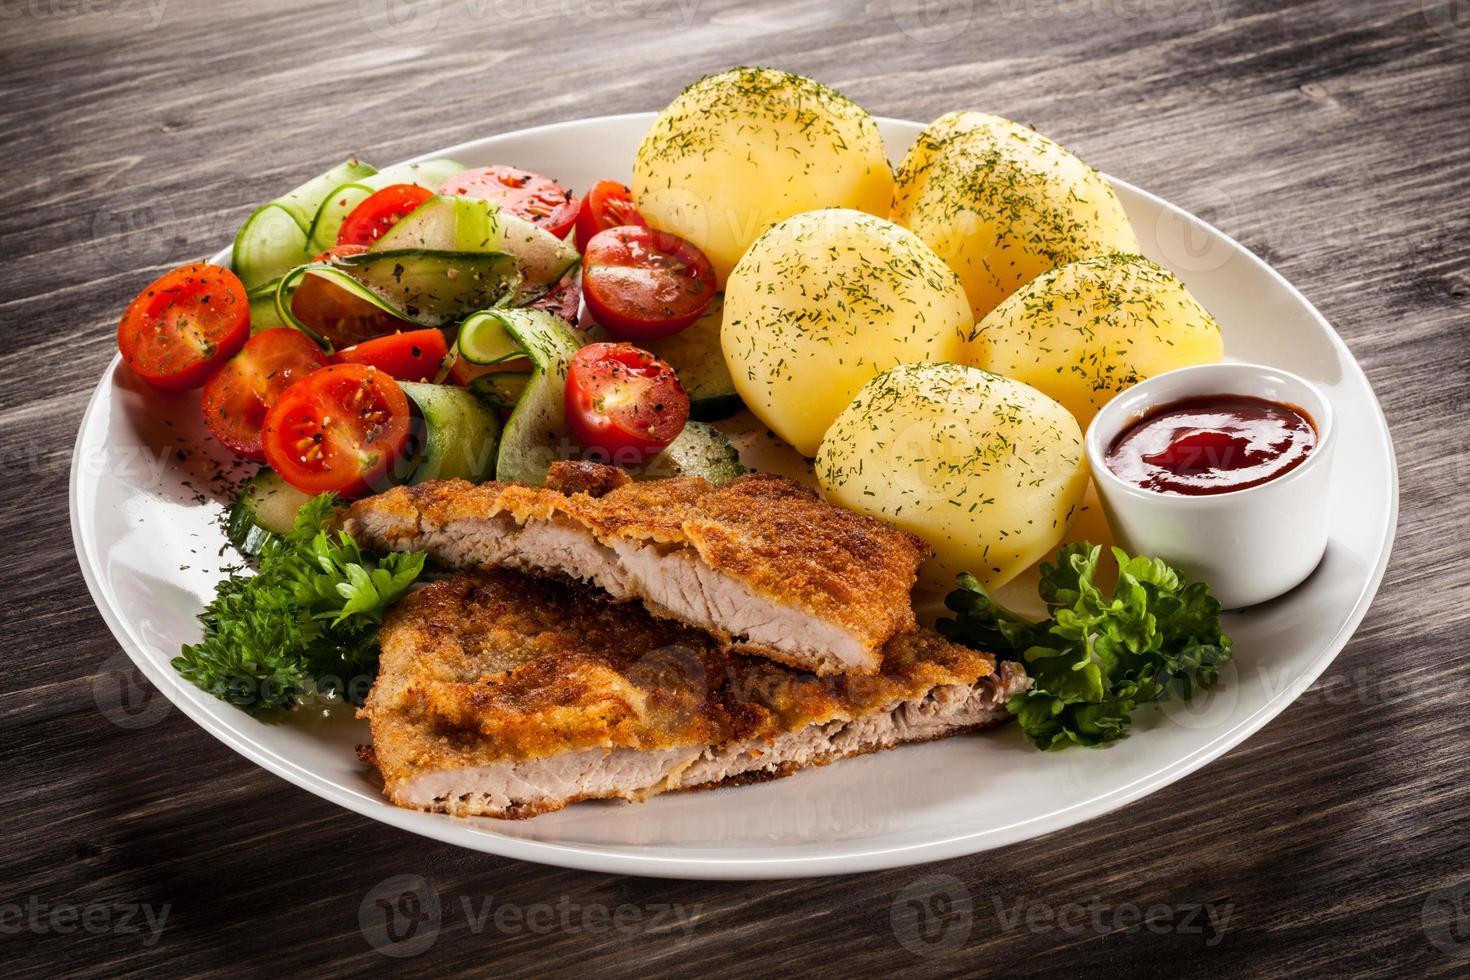 Côtelettes de porc frites, pommes de terre bouillies et légumes sur fond de bois photo